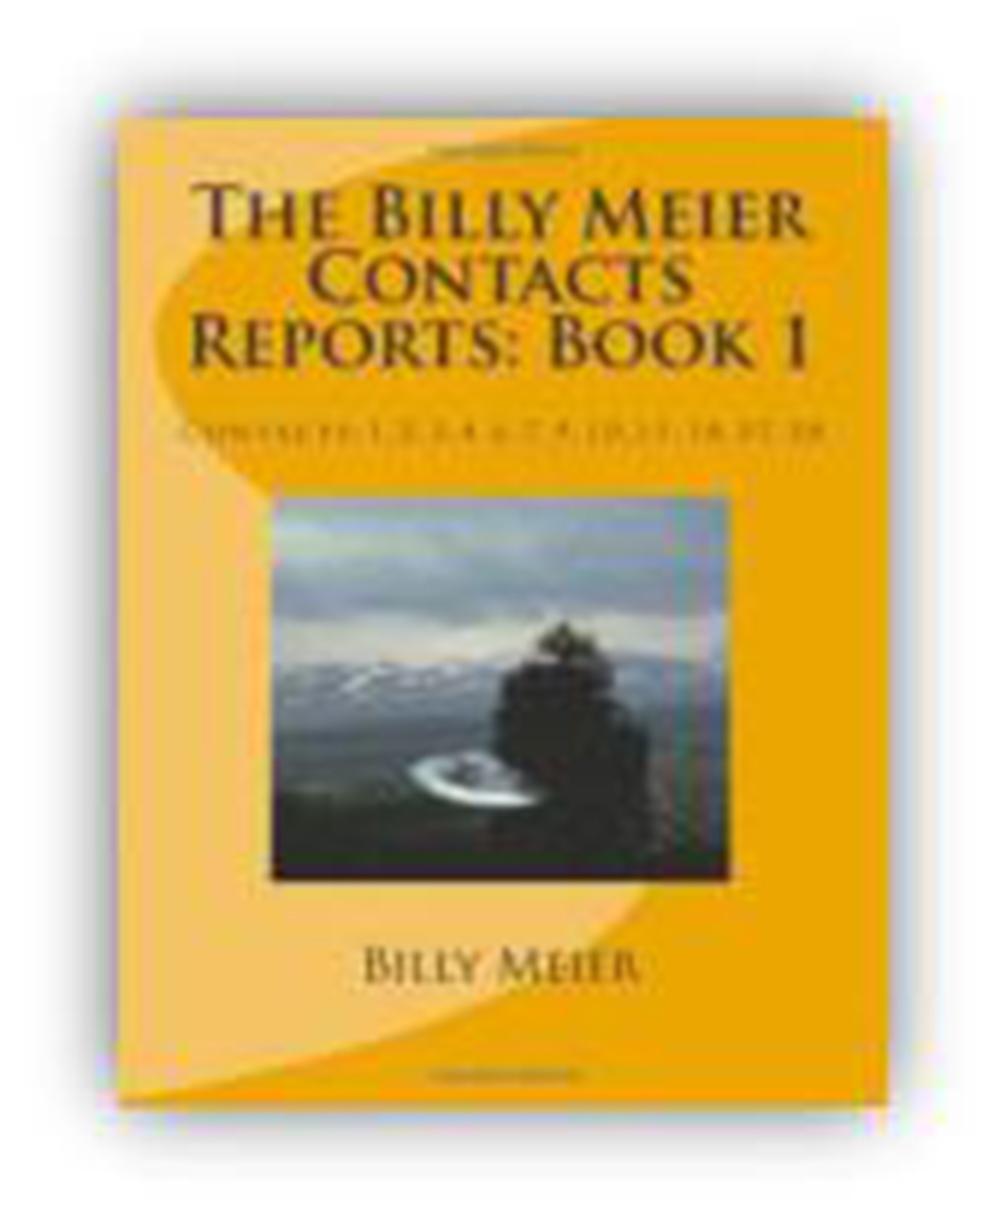 〄... 比利‧邁爾(Billy Meier)其人其事. info_05.jpg